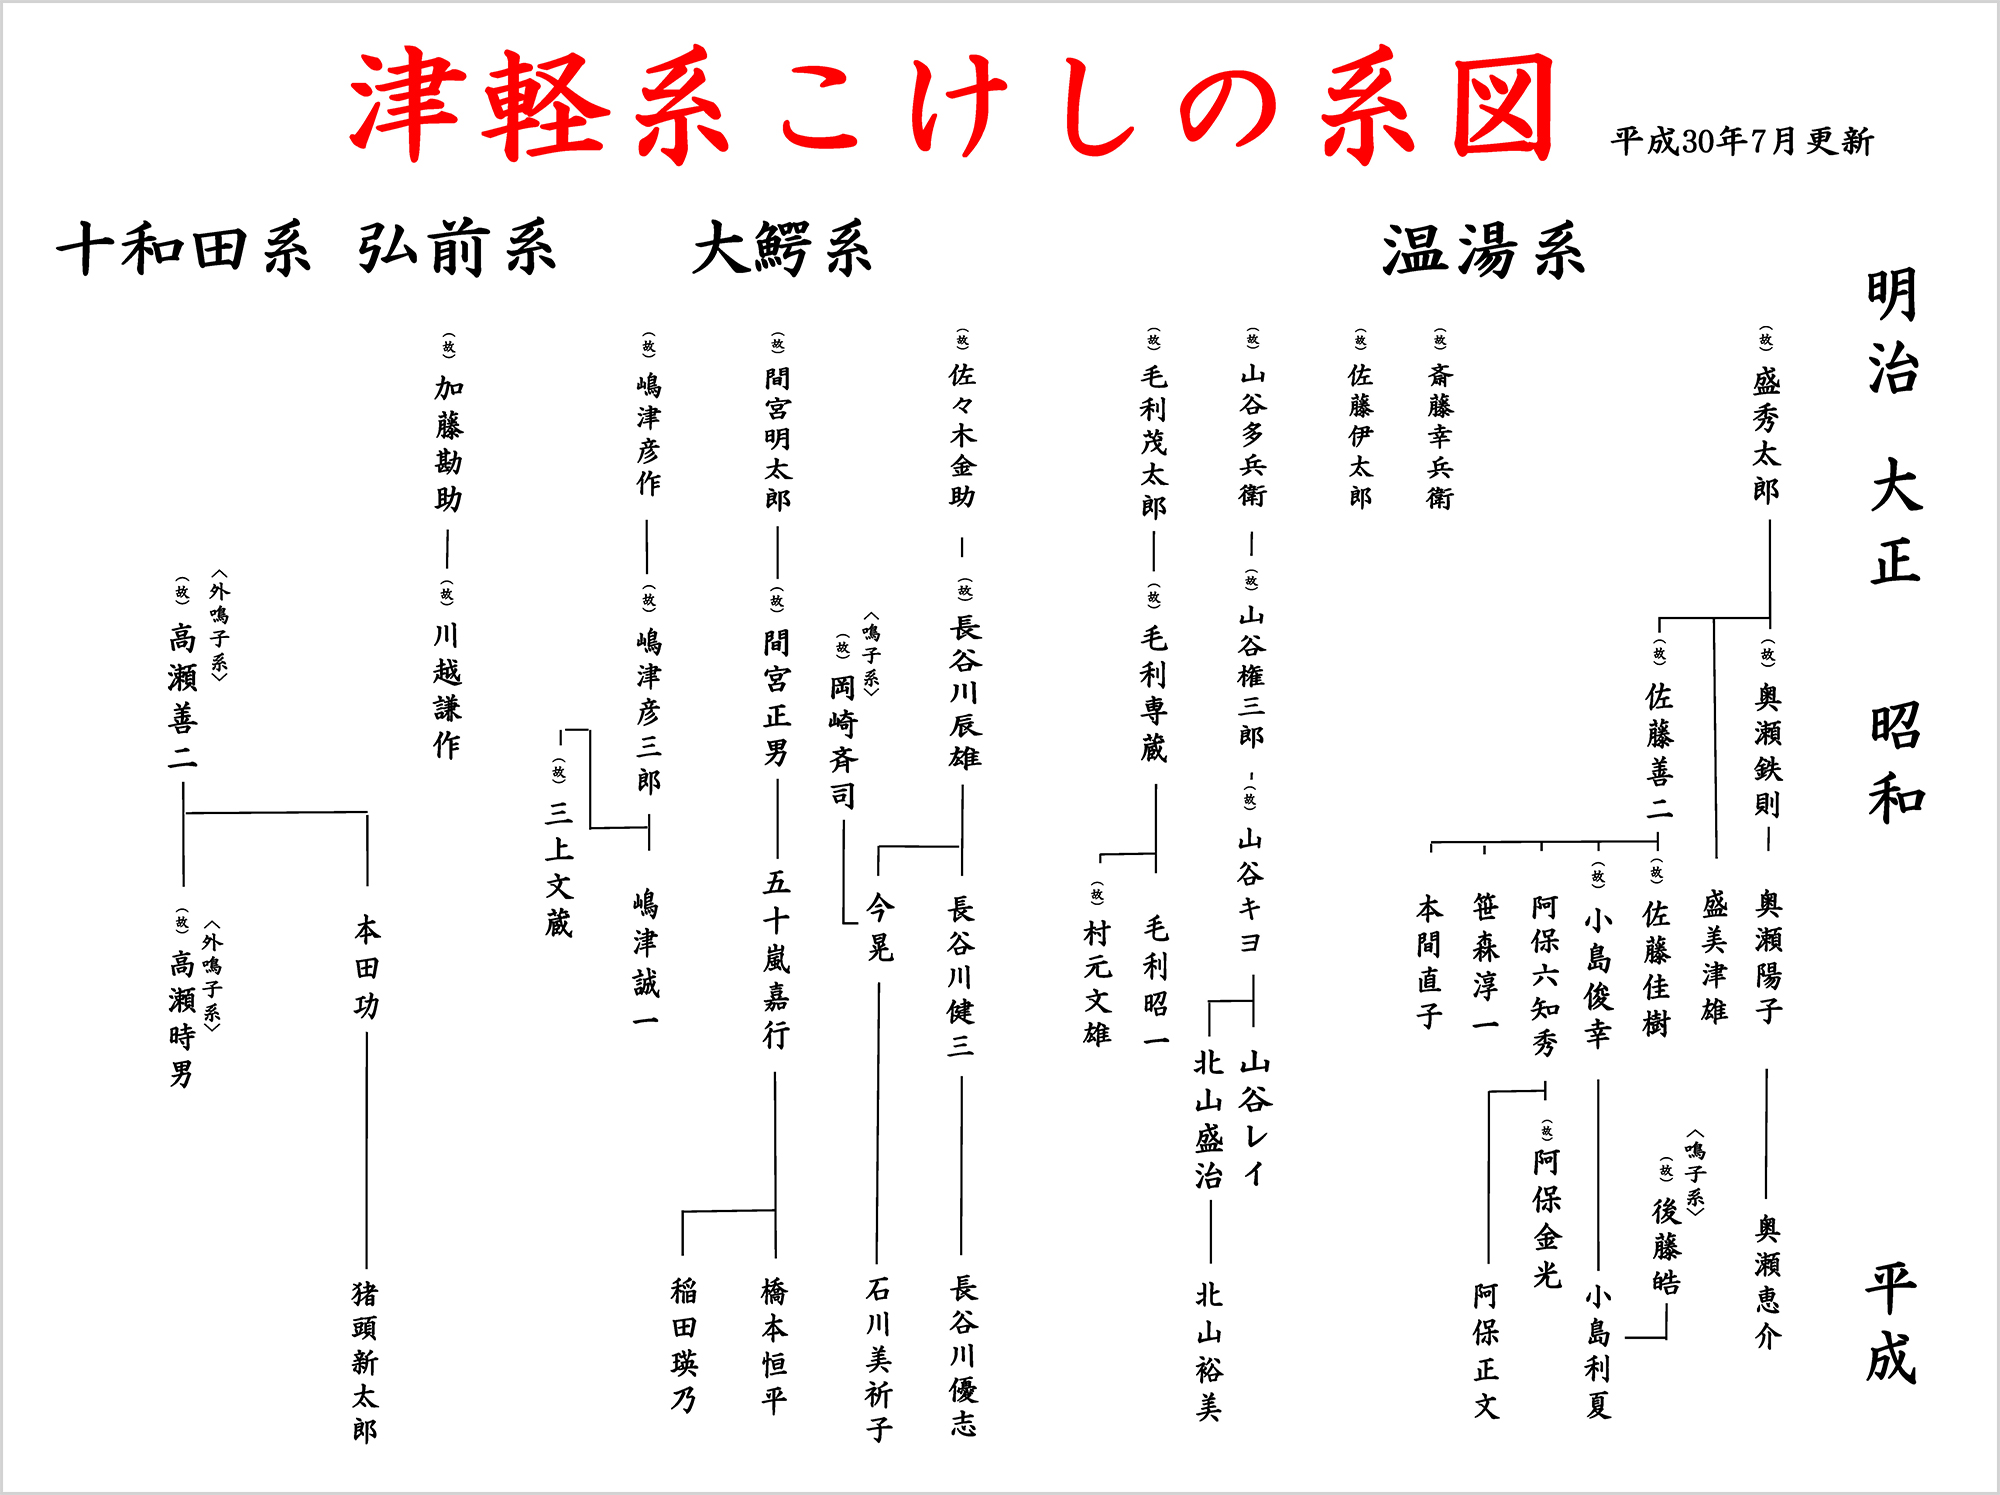 こけし工人の系図